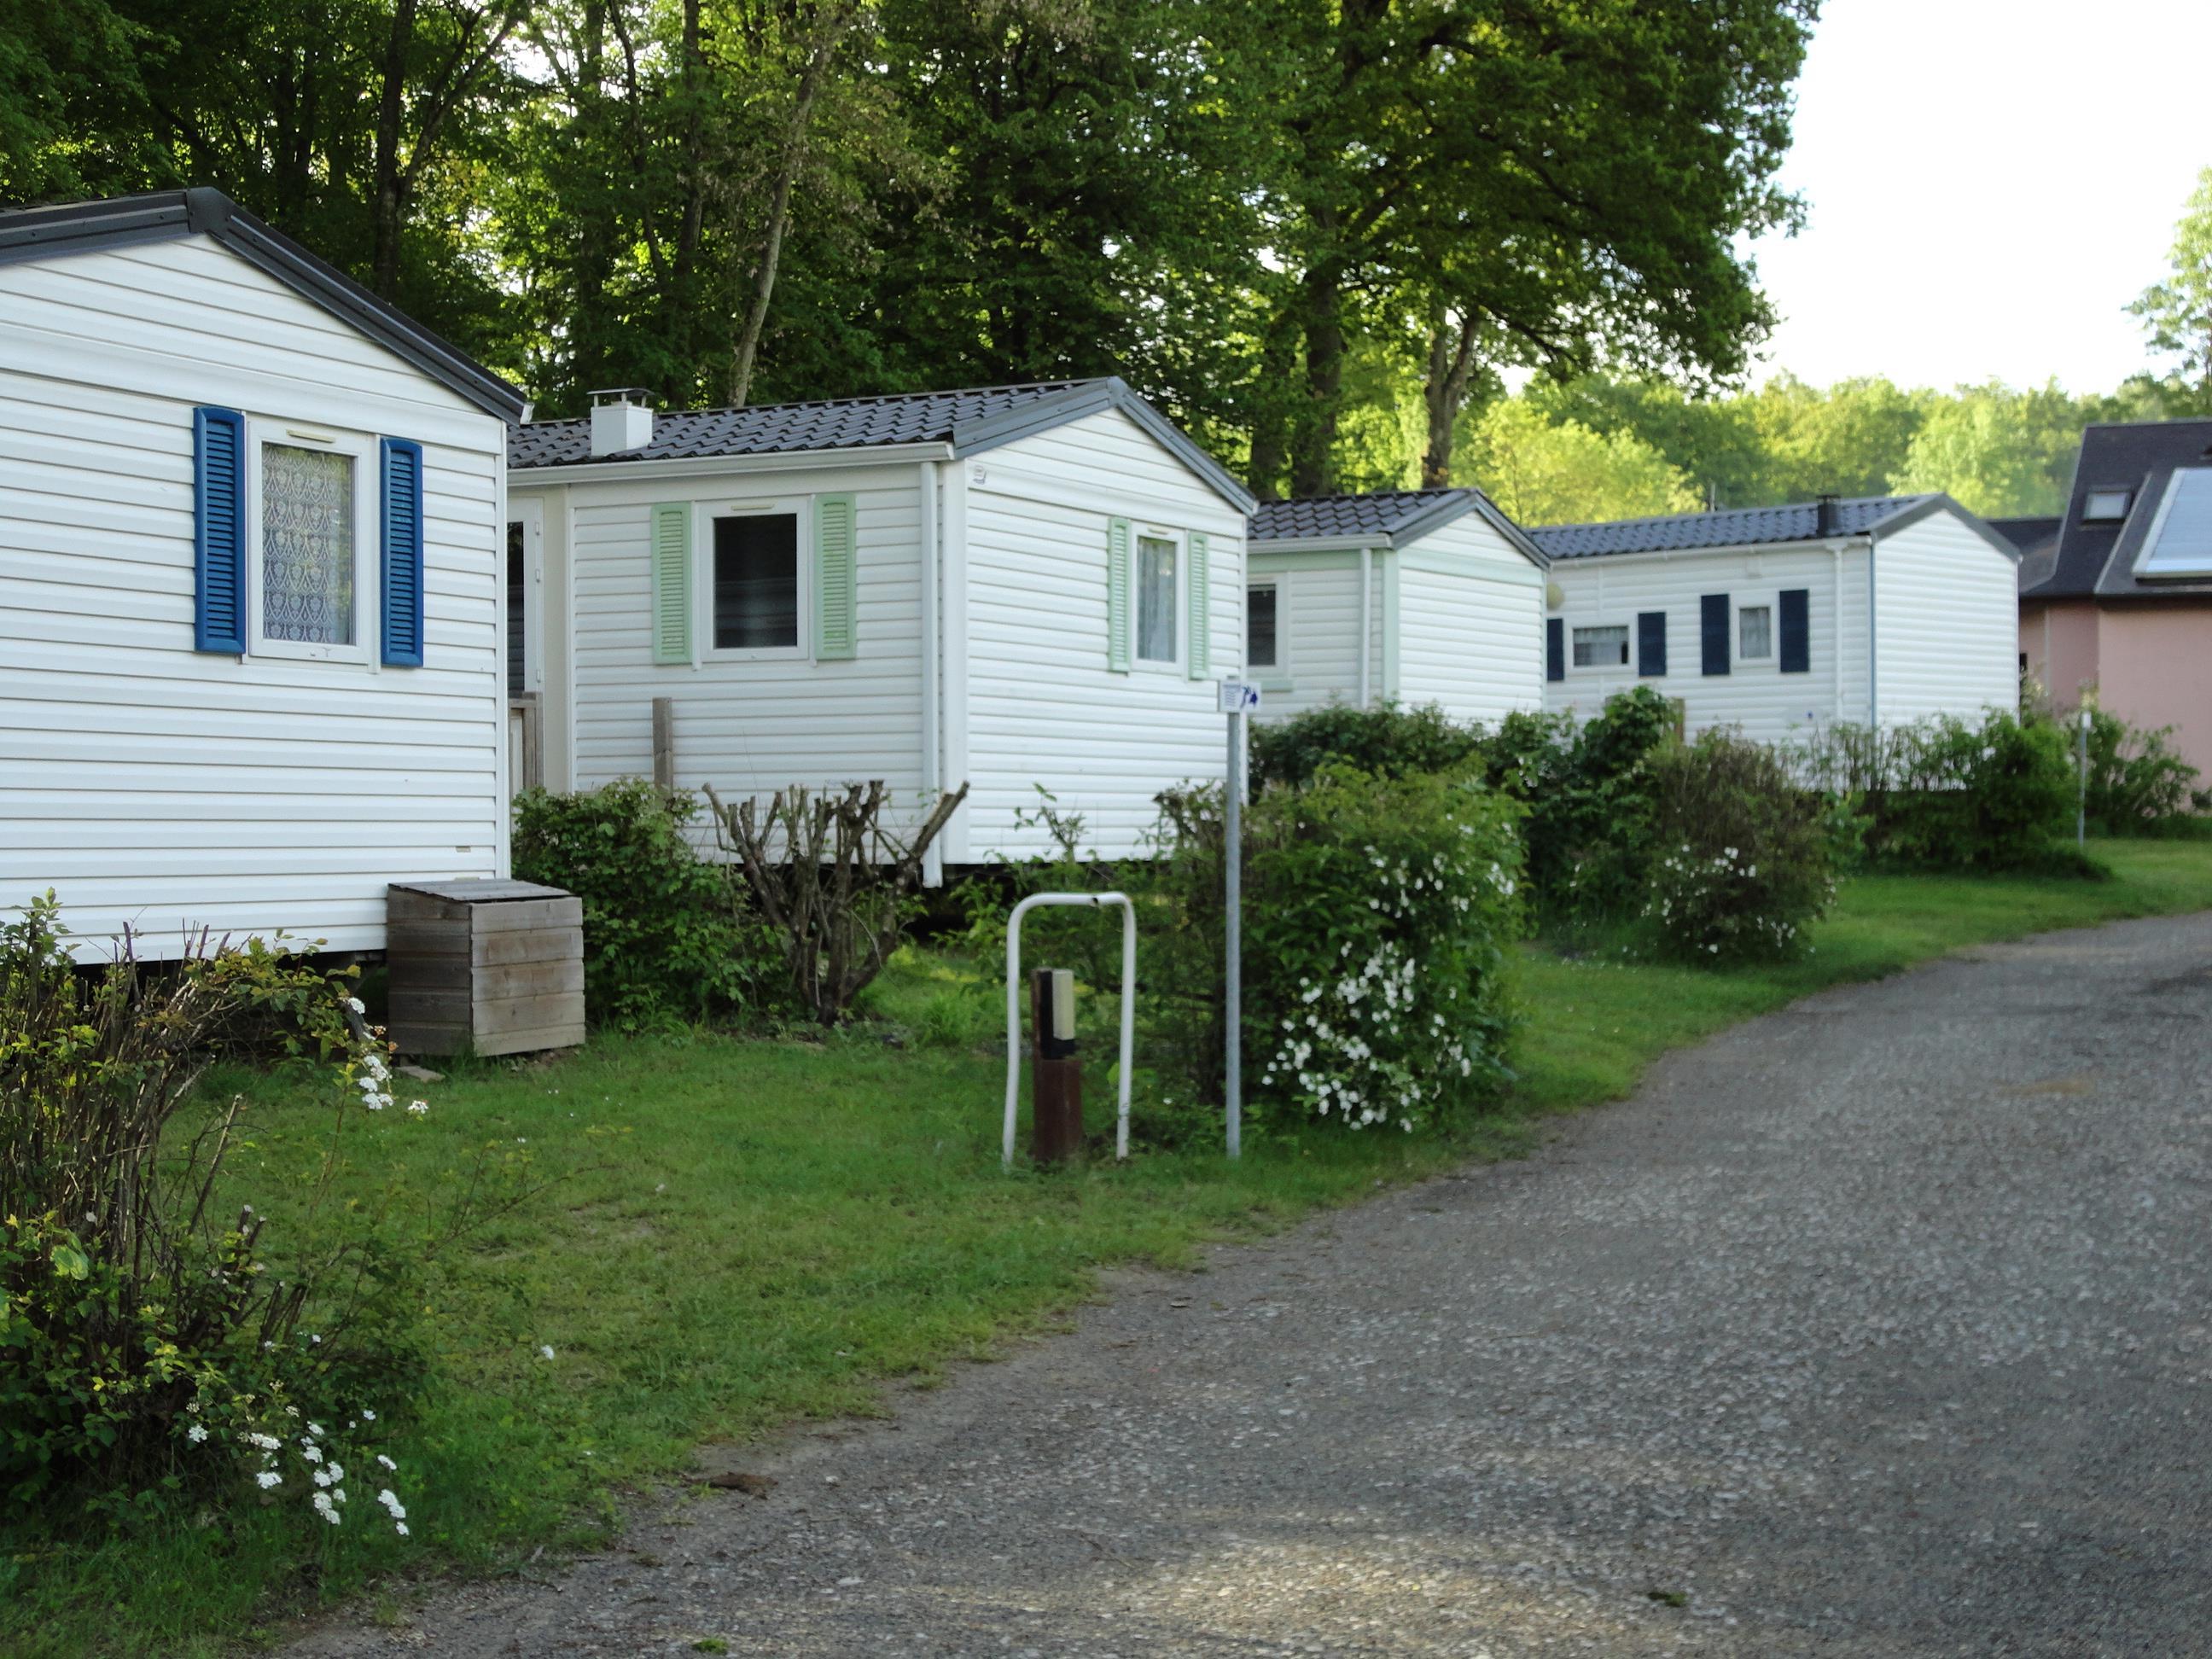 Camping le Bois Fleuri, Illiers-Combray, Eure-et-Loir